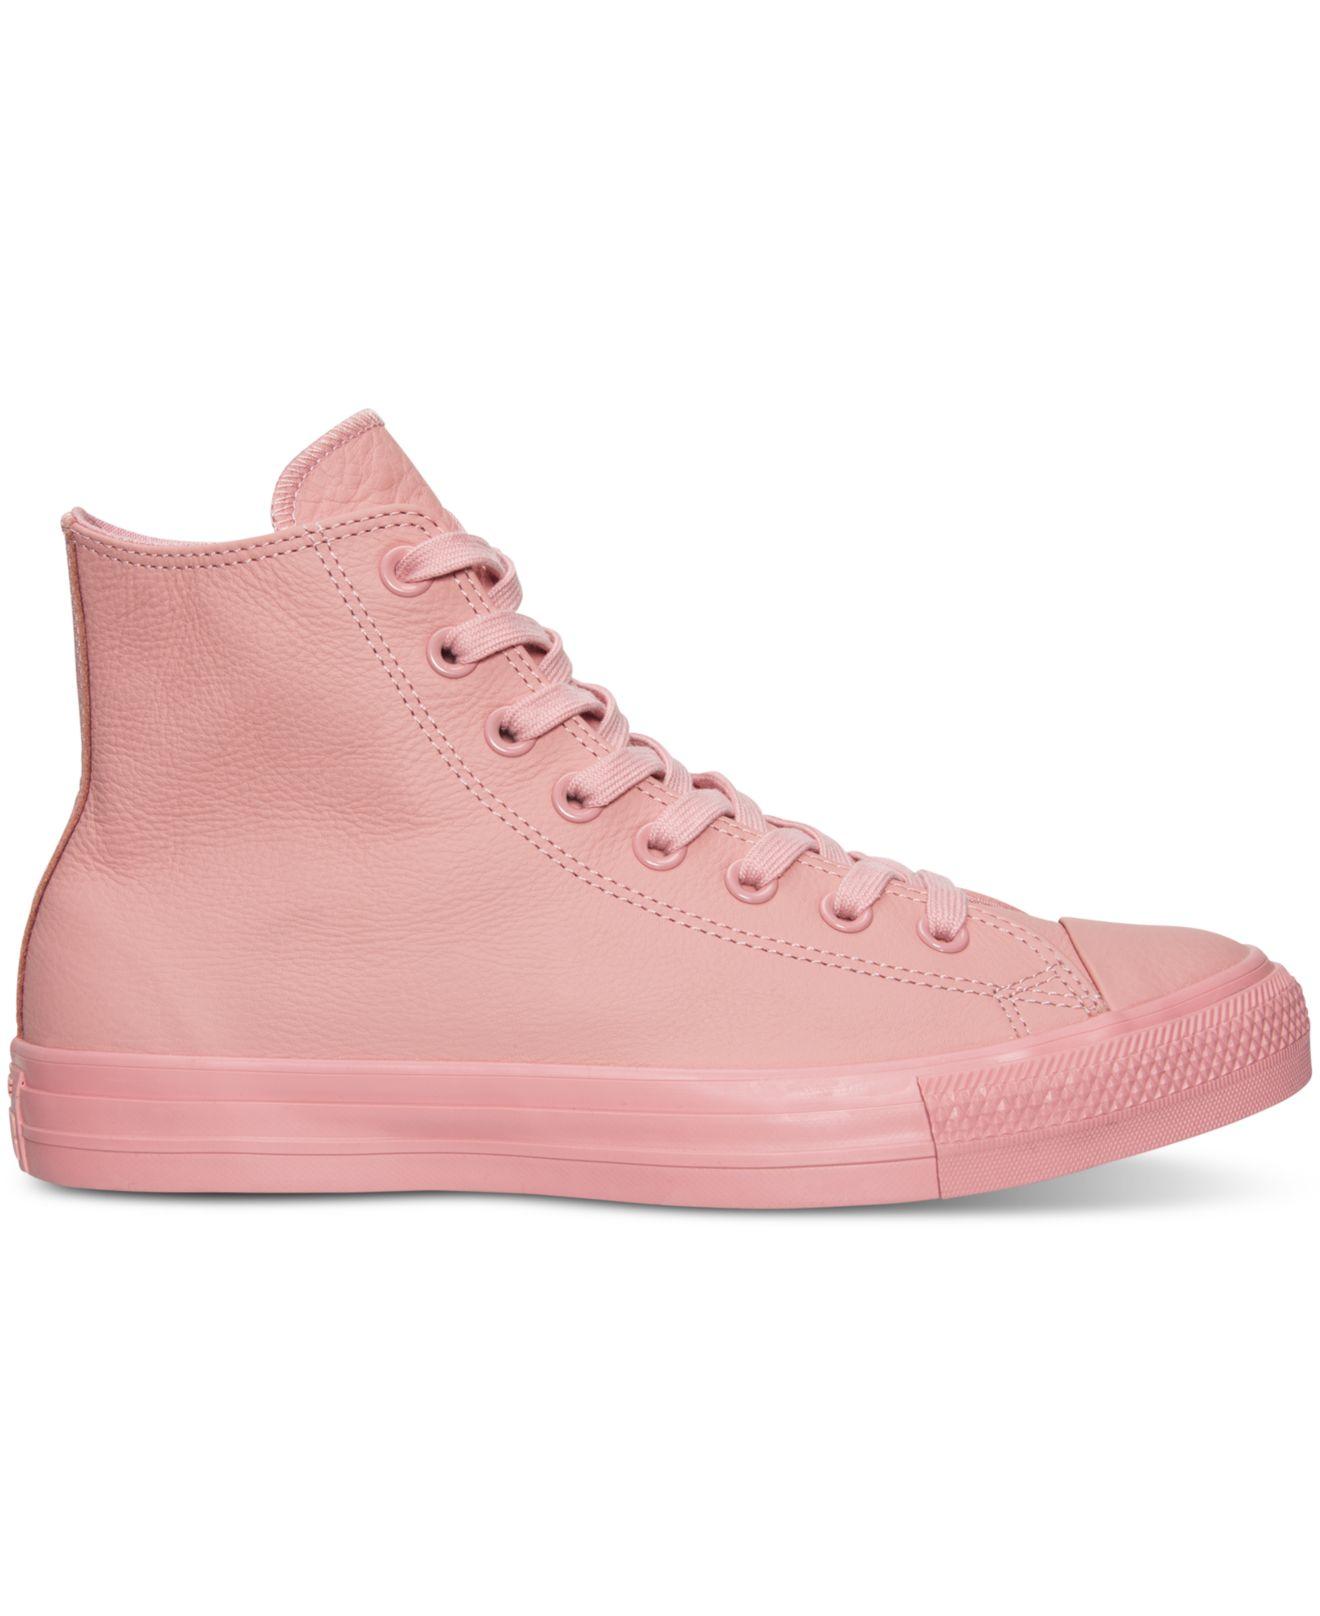 Manila Grace Shoes Women